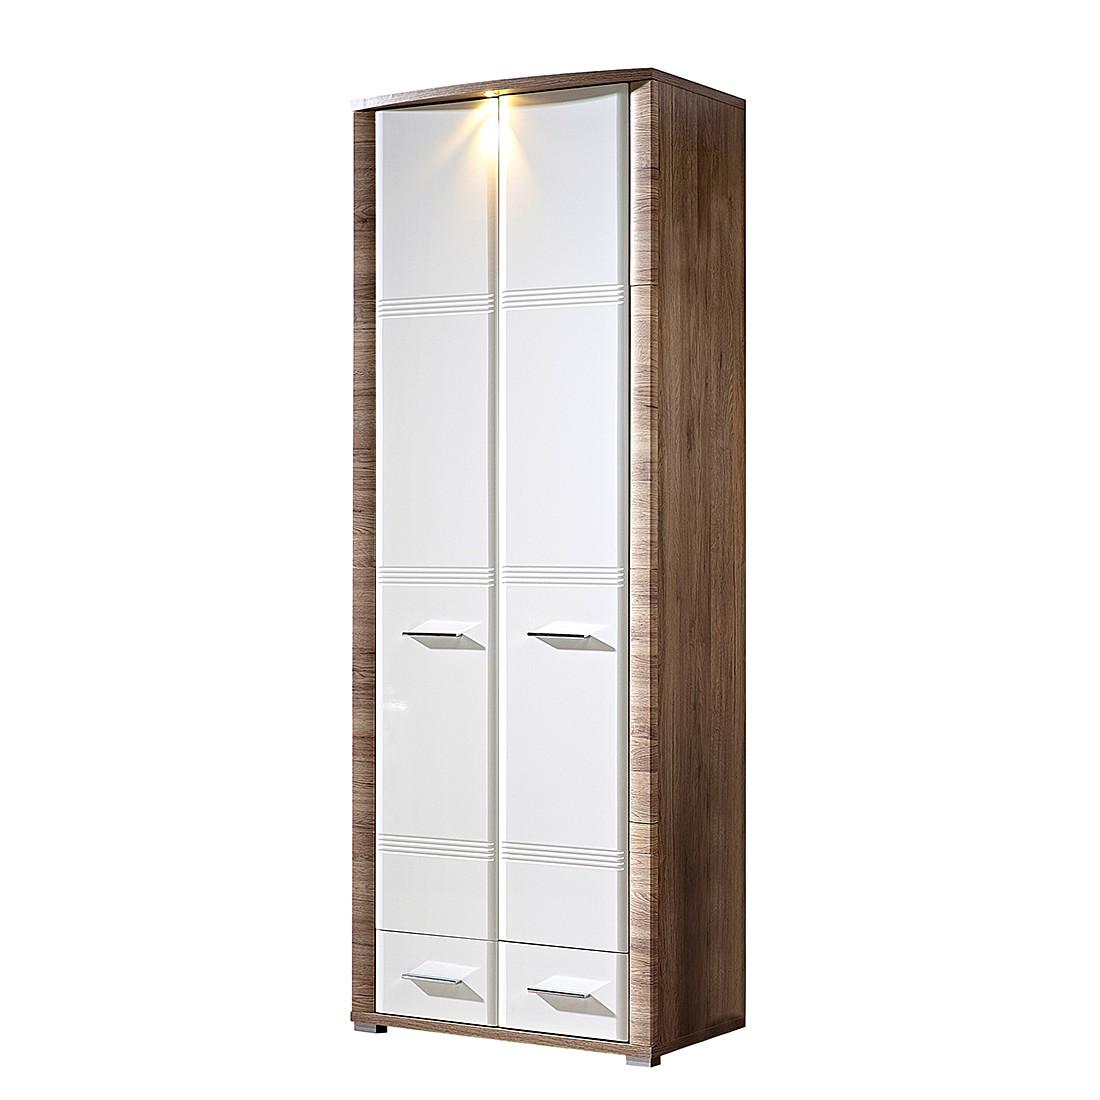 goedkoop energie A+ Garderobekast Skanderborg lI hoogglans wit eikenhouten look Fredriks